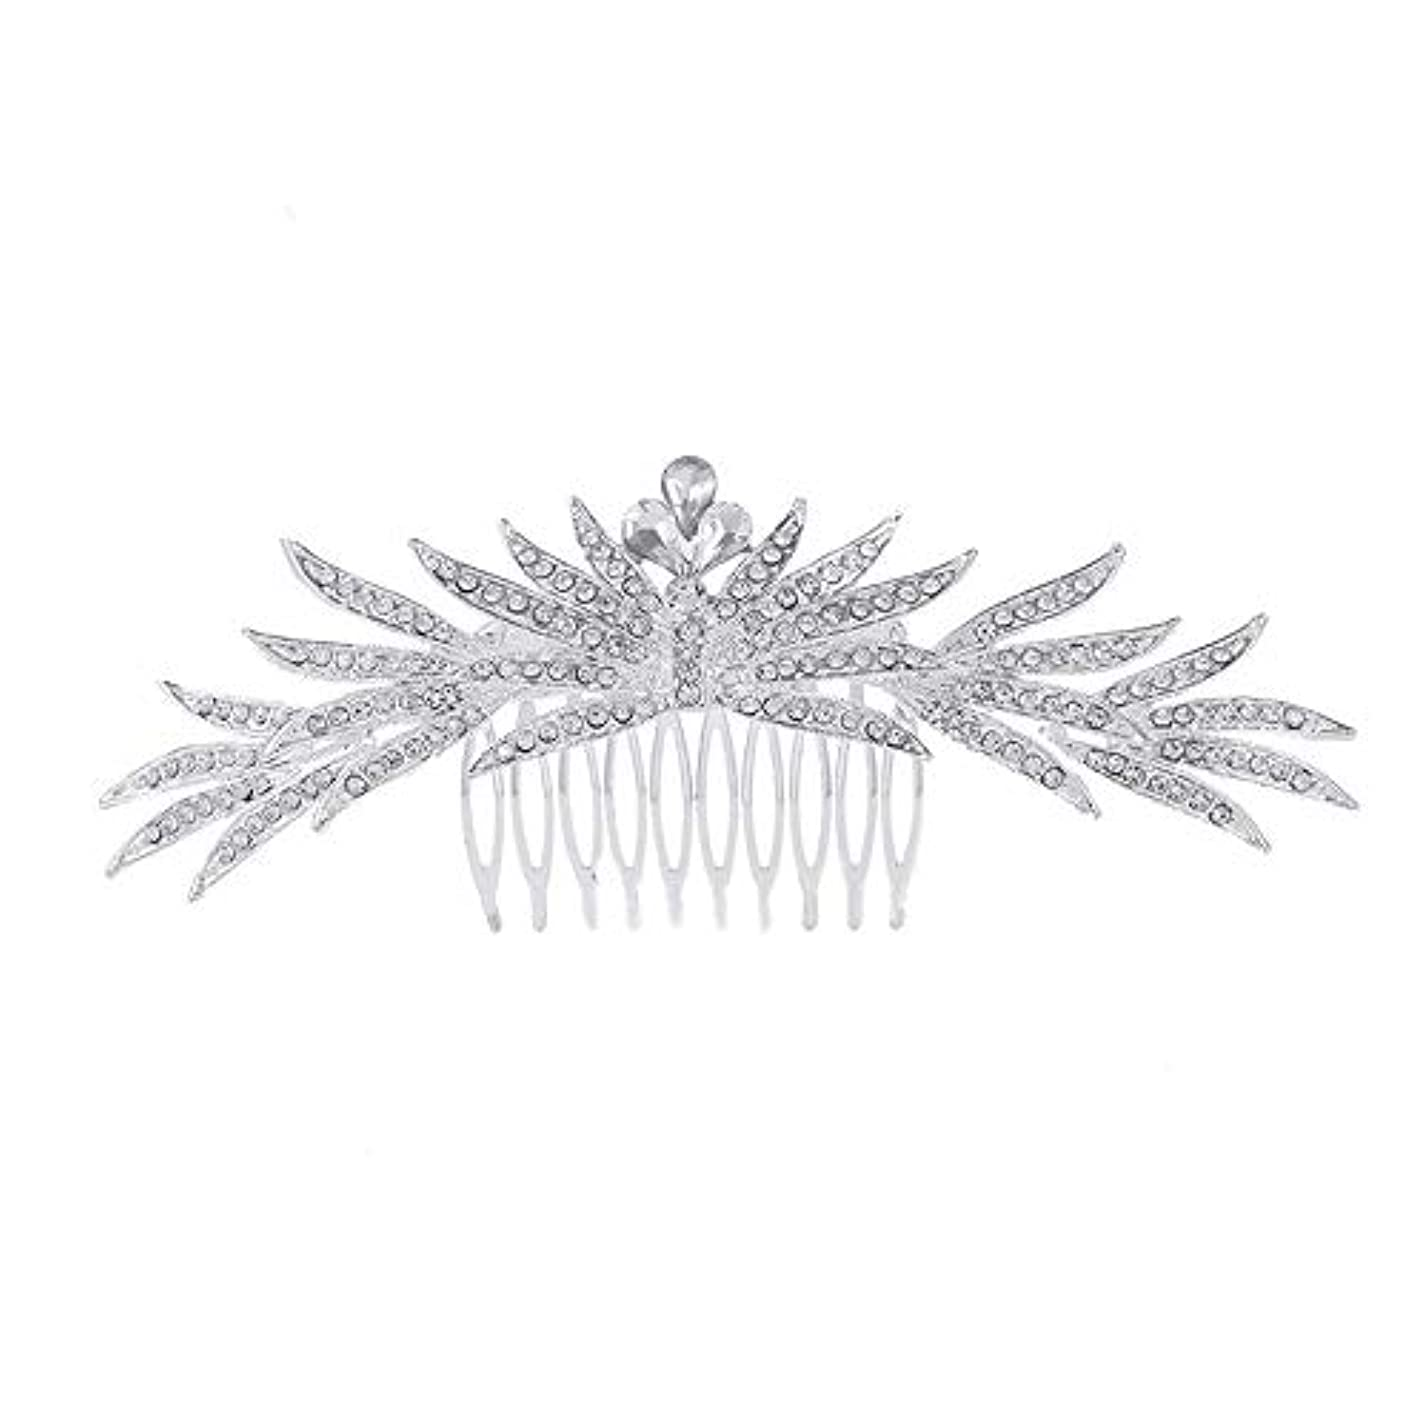 アルバニーアラートインストラクター髪の櫛の櫛の櫛花嫁の髪の櫛ラインストーンの櫛亜鉛合金ブライダルヘッドドレス結婚式のアクセサリー挿入櫛